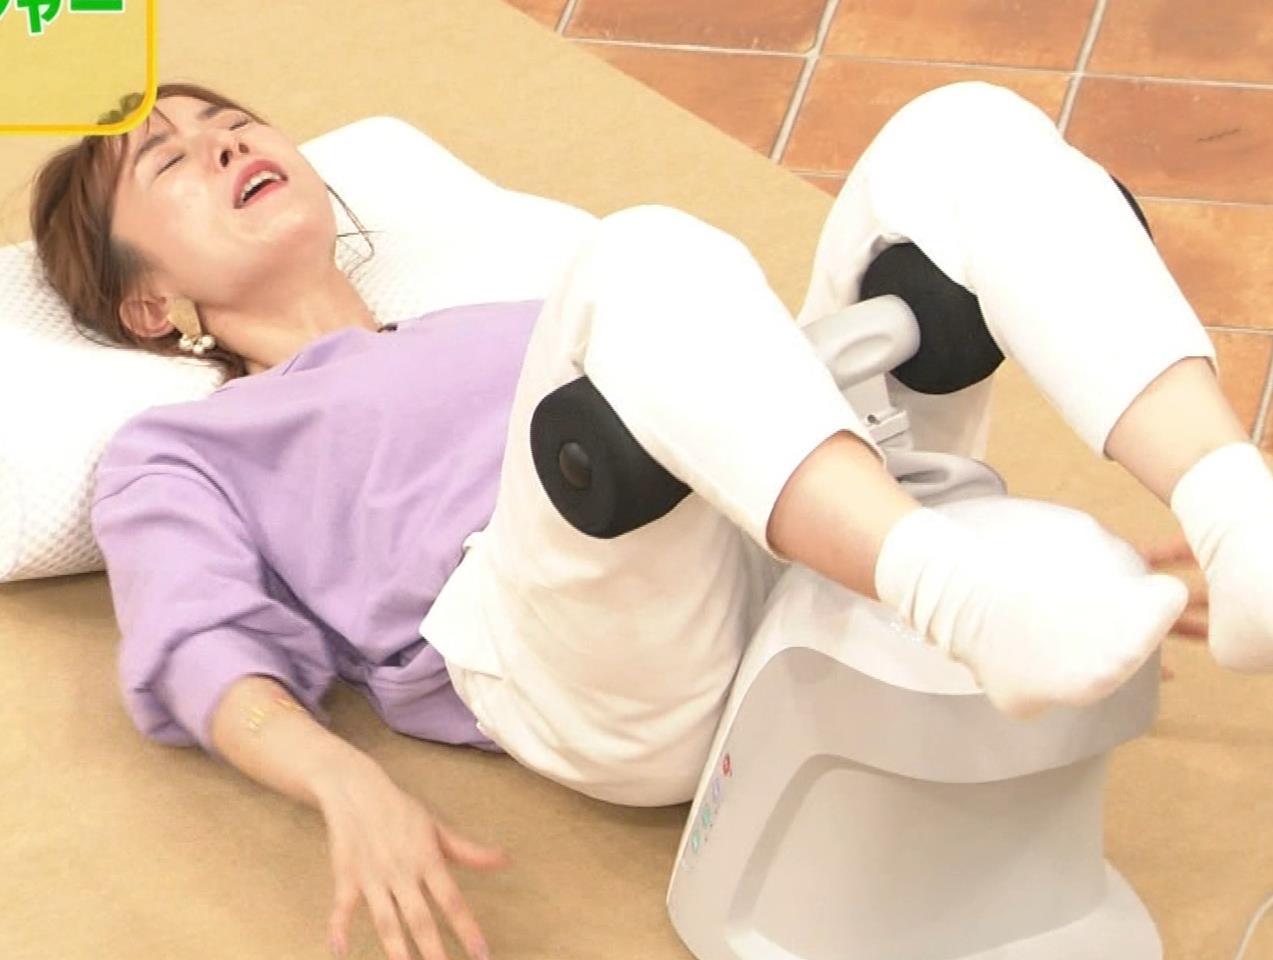 山川恵里佳 通販番組で正常位してるキャプ・エロ画像3